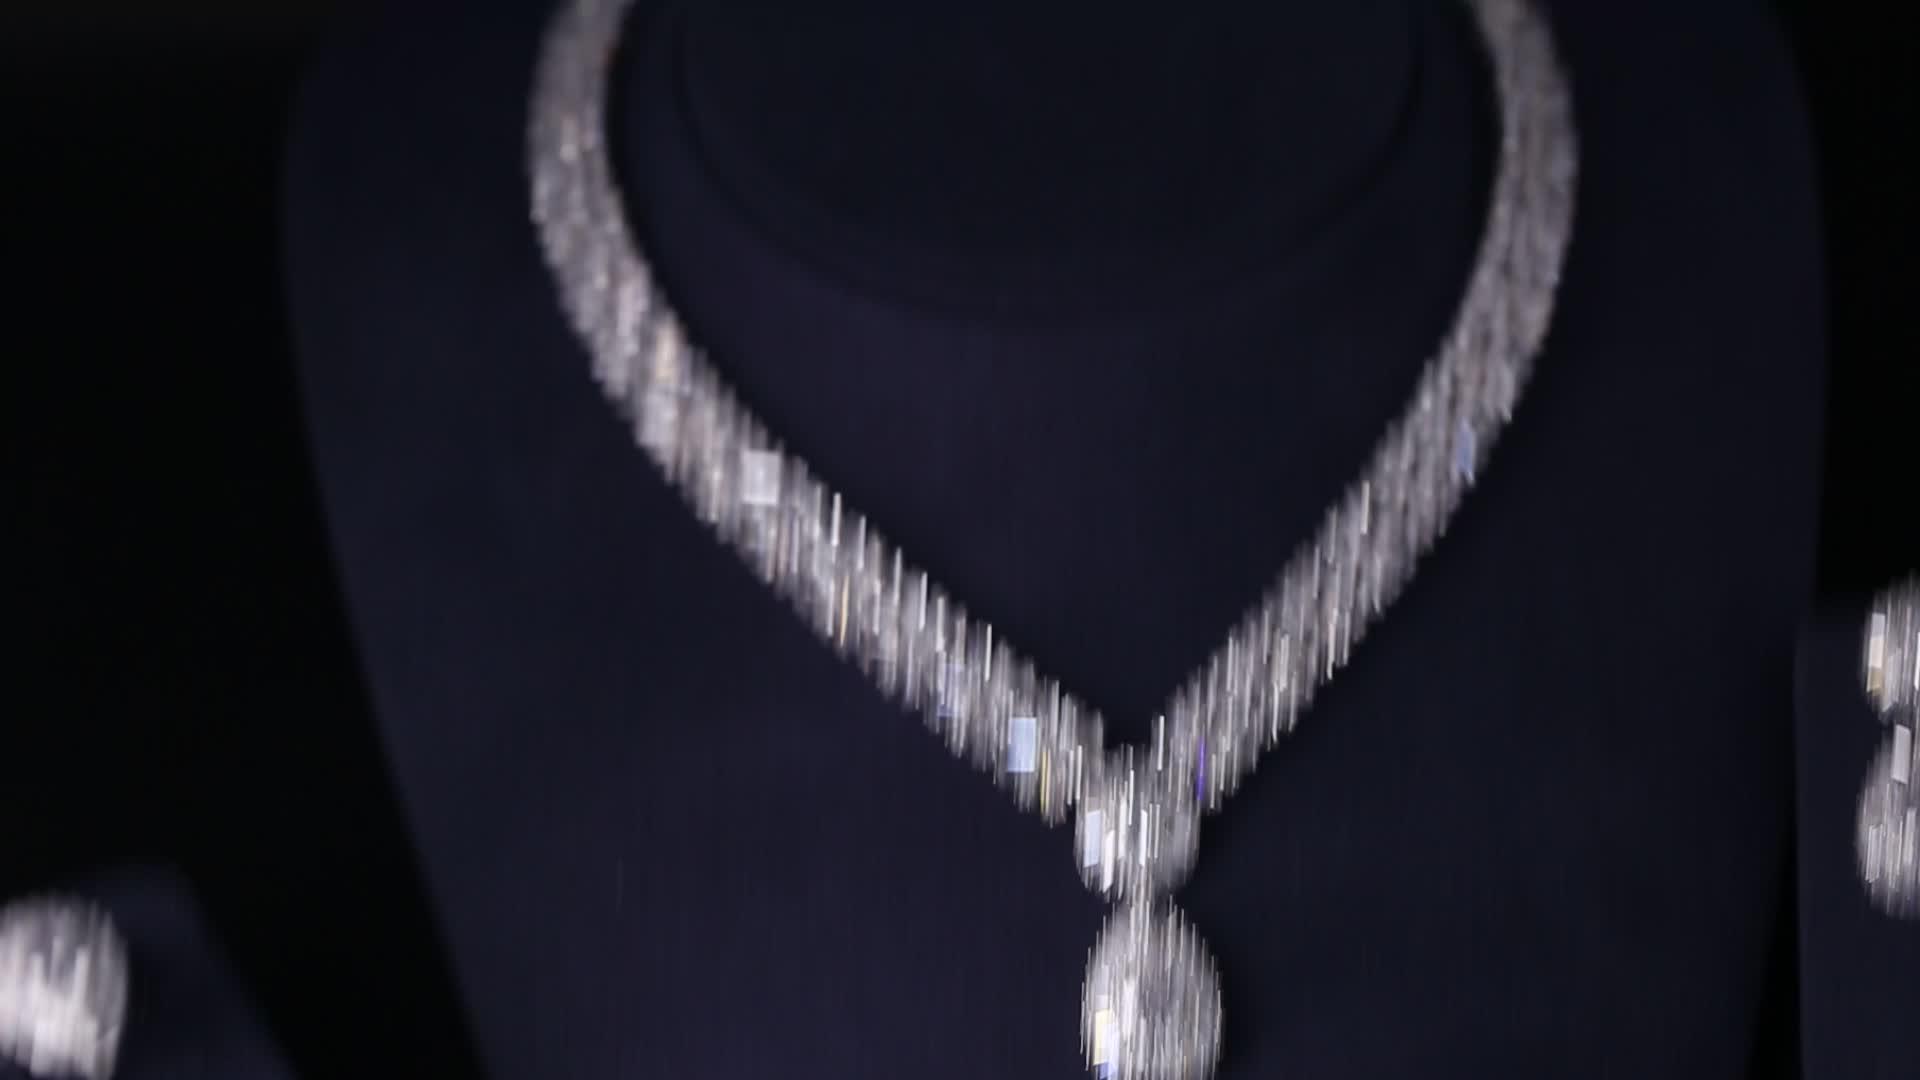 18K Mạ Vàng Đồng Đá Zirconia Zirconia Phụ Kiện Đám Cưới Bộ Trang Sức Cô Dâu